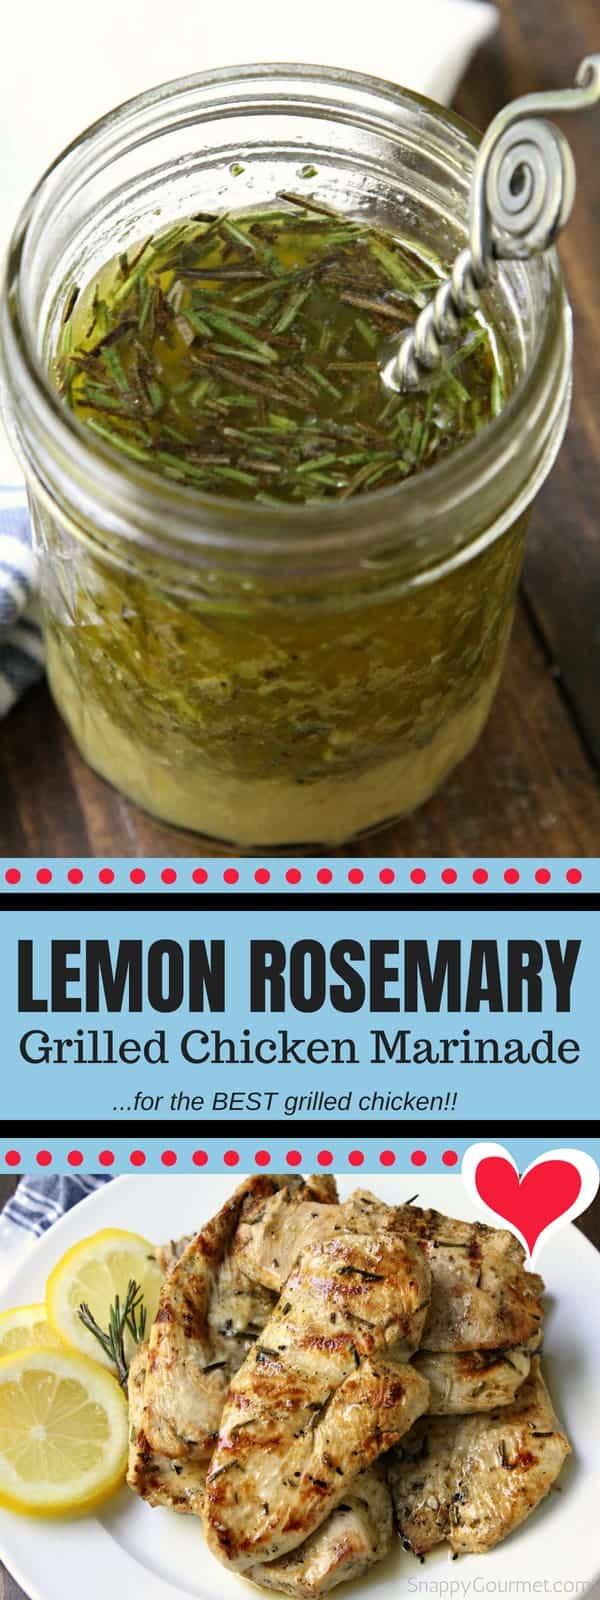 Lemon Rosemary Grilled Chicken Marinade - easy homemade marinade for the BEST grilled chicken! #Chicken #Marinade #Dinner #SnappyGourmet #Recipe #Lemon #Rosemary #Grill